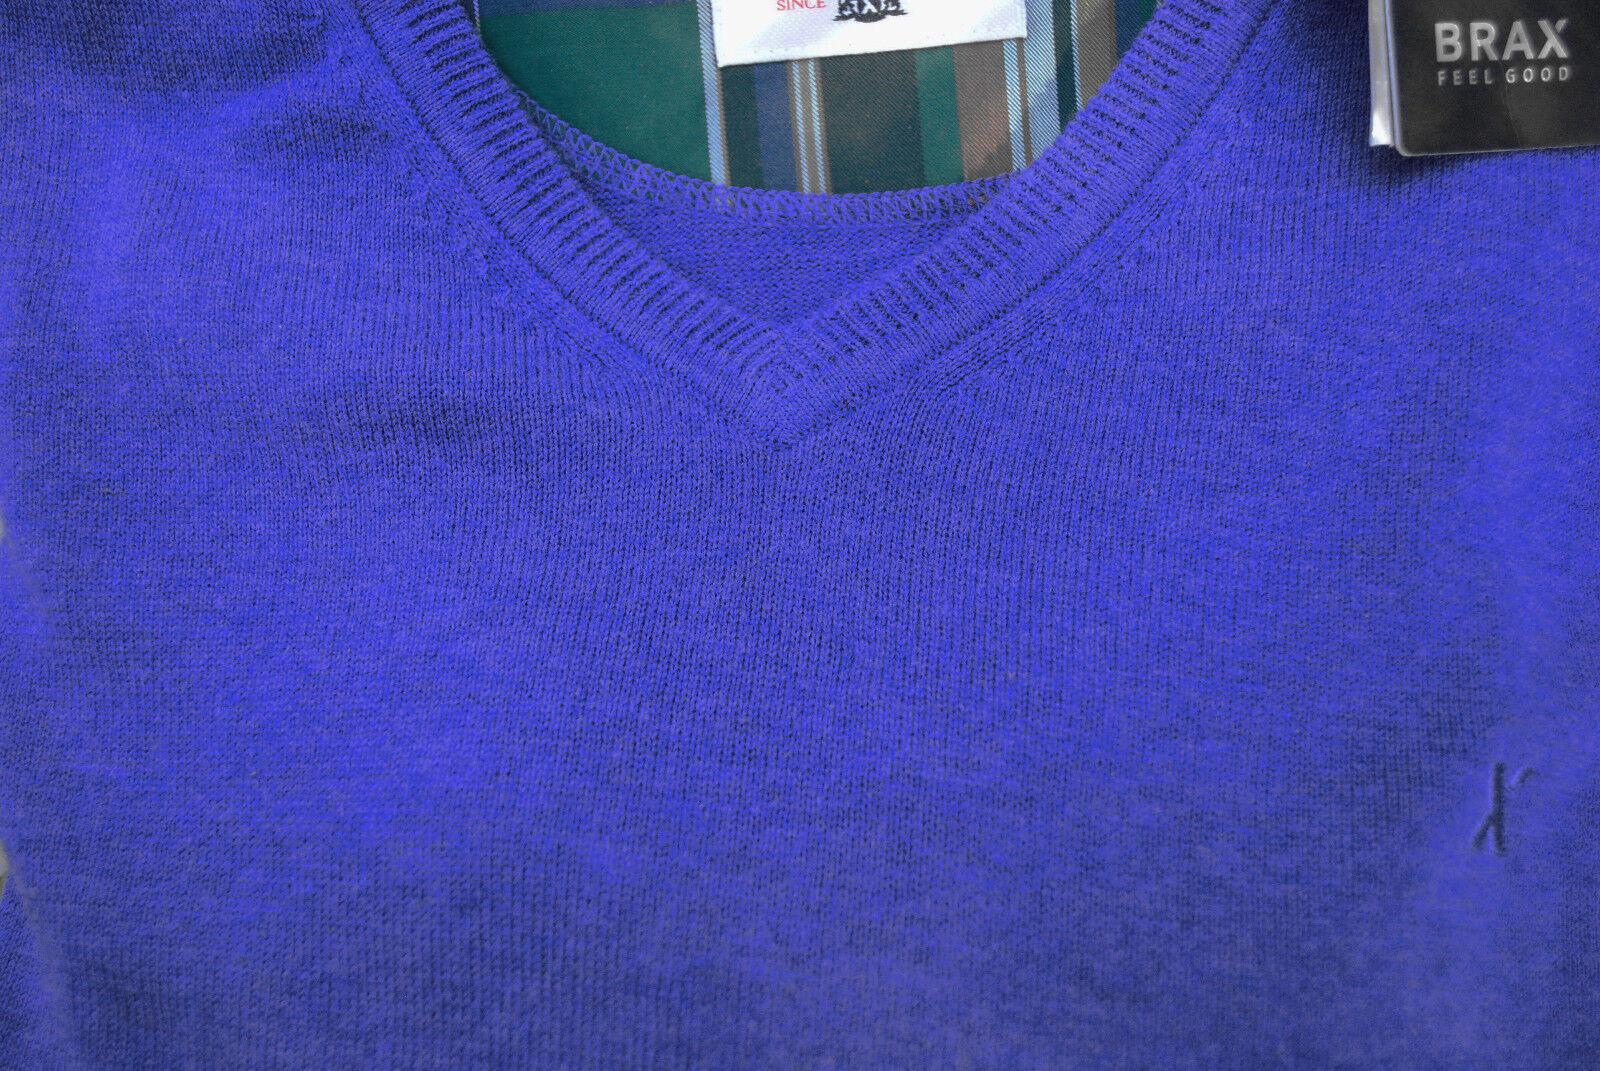 Pullover Gr.52 ( XL ) von Brax...V-Ausschnitt...BLAU...Herren...Neu mit Etikett